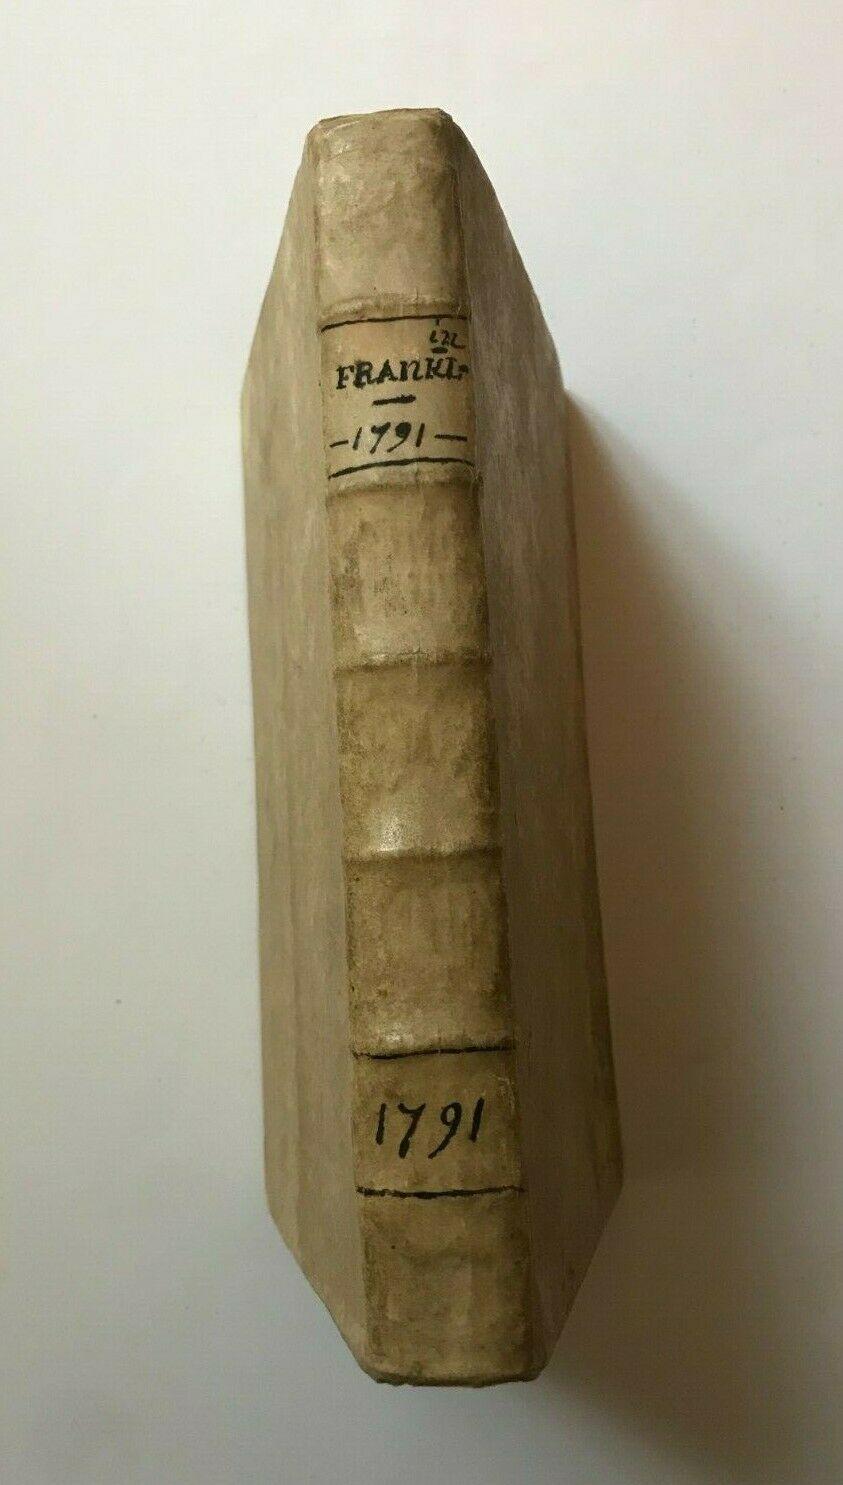 Mémoires de la vie privée de Benjamin Franklin, écrits par lui-même et adressés à son fils suivis d'un précis historique de sa vie politique et de plusieurs pièces relatives à ce père de la liberté. Traduits de l'anglais par Jacques Gibelin